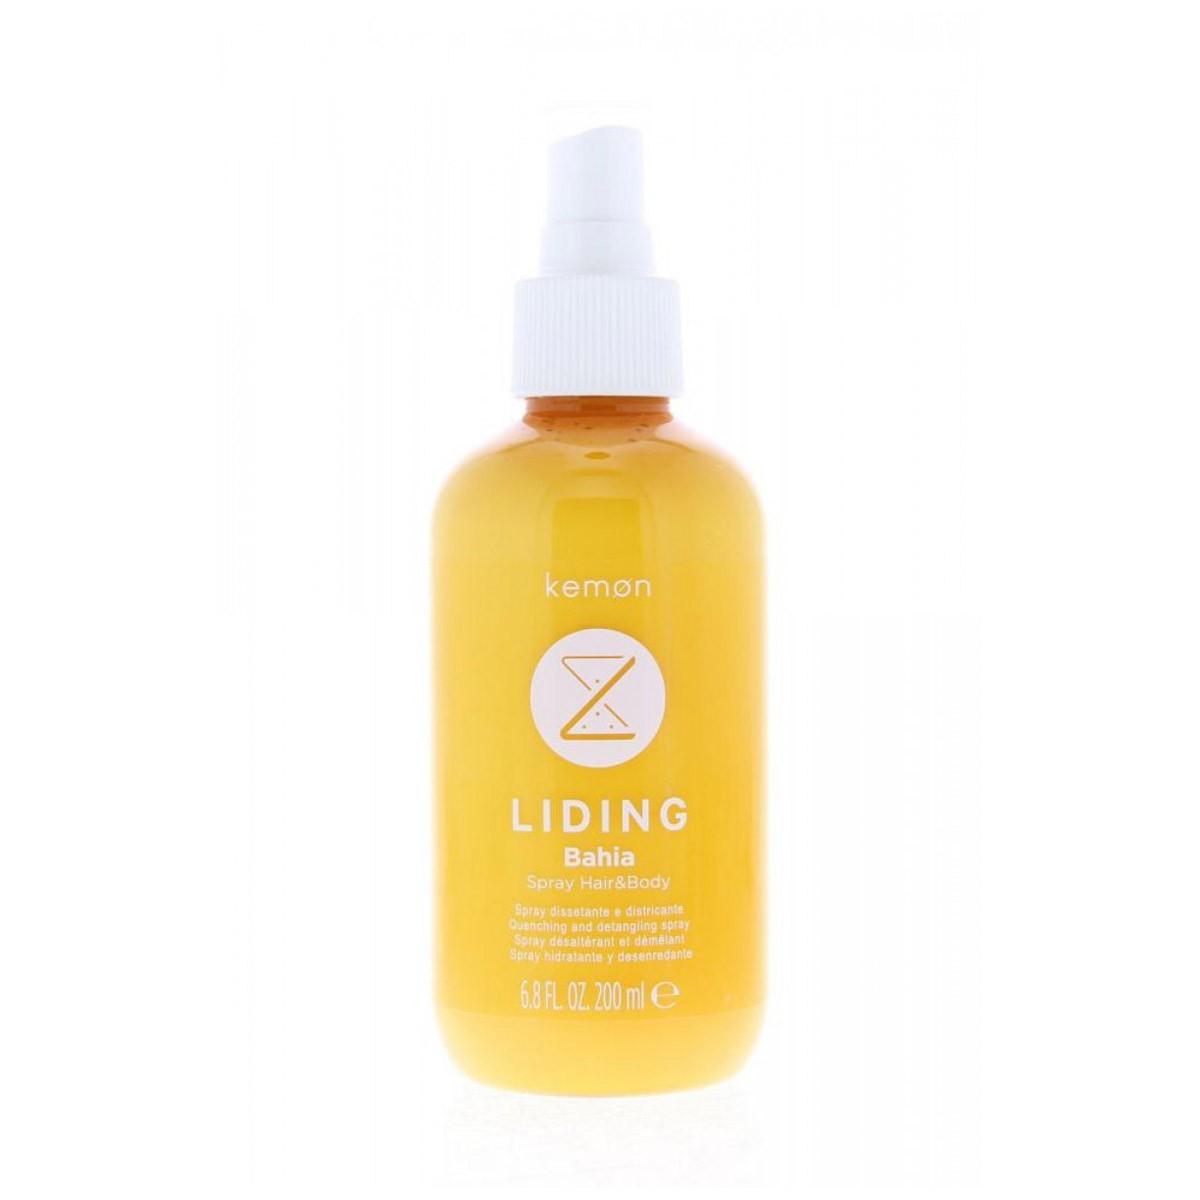 KEMON Liding Bahia Hair & Body Spray 200ml - Spray nawilżający, ułatwiający rozczesywanie